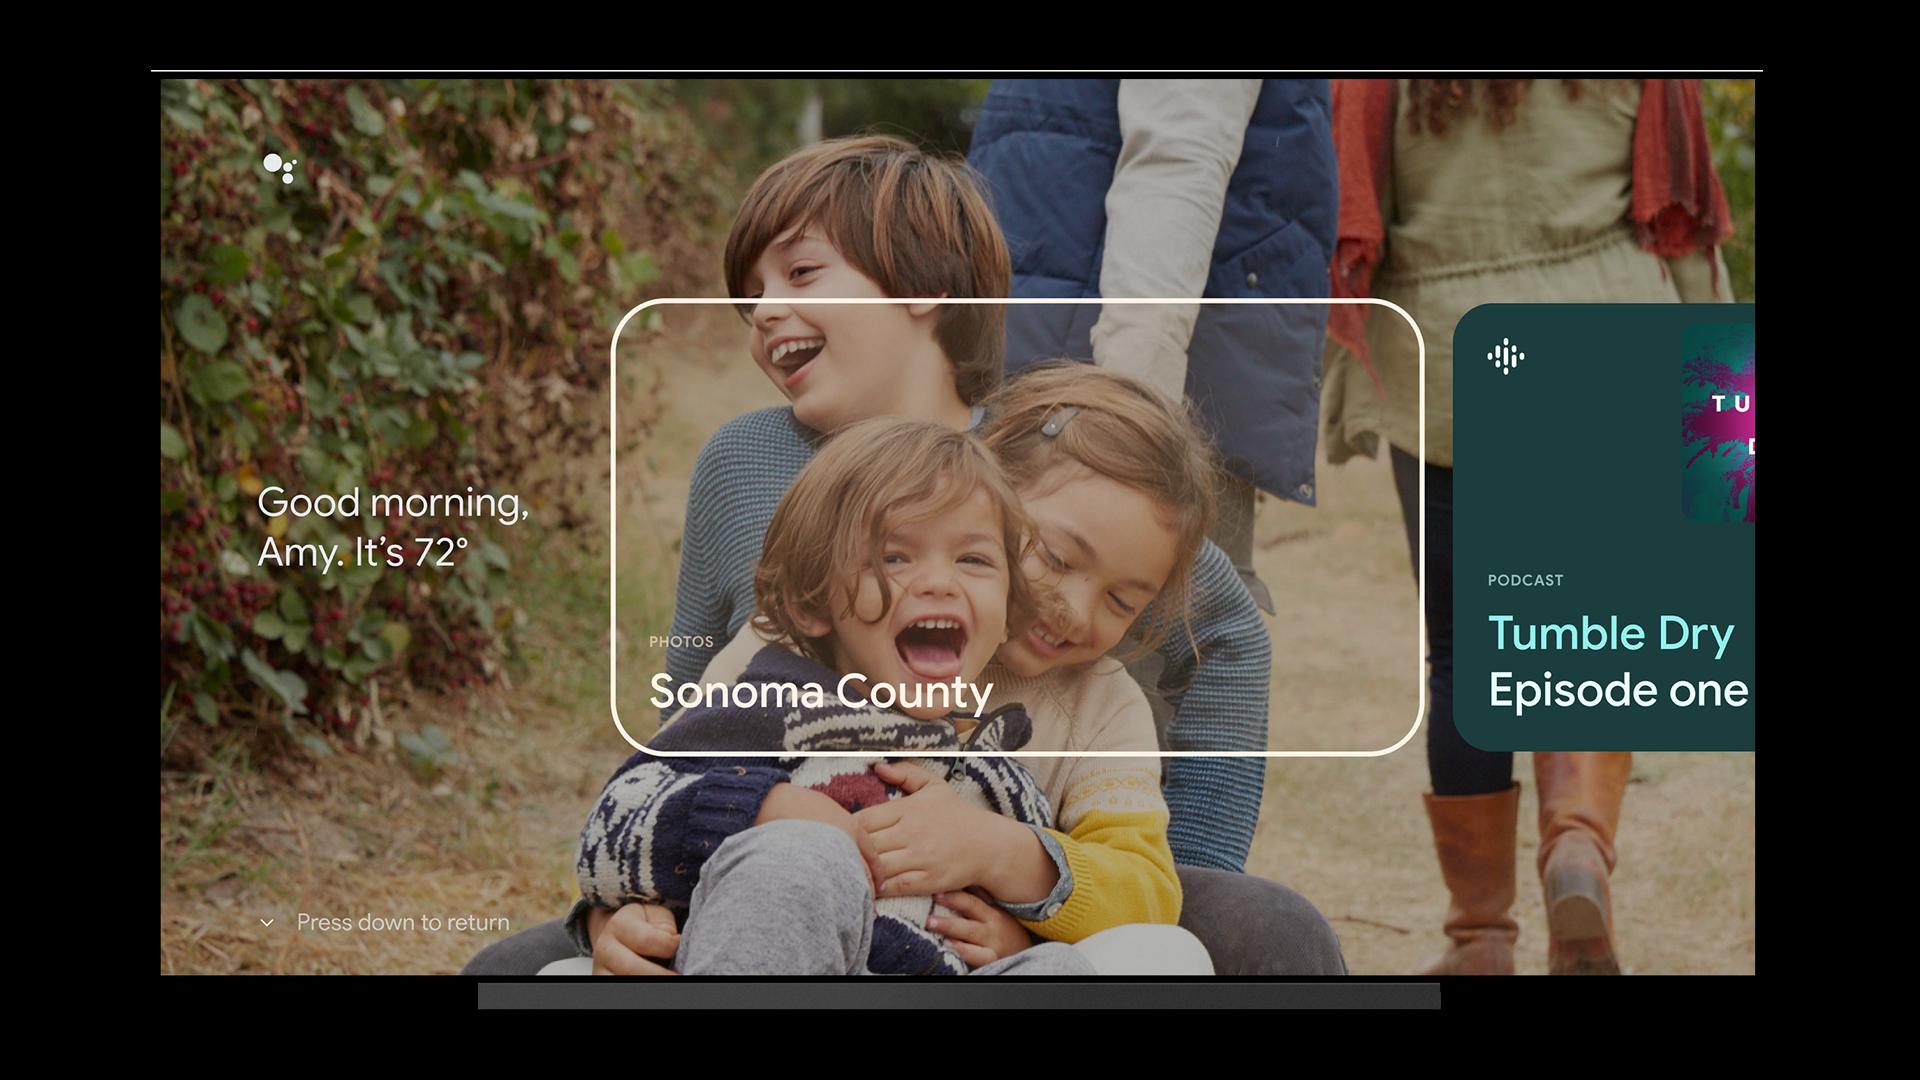 Google TV trong nháy mắt các thẻ được cá nhân hóa